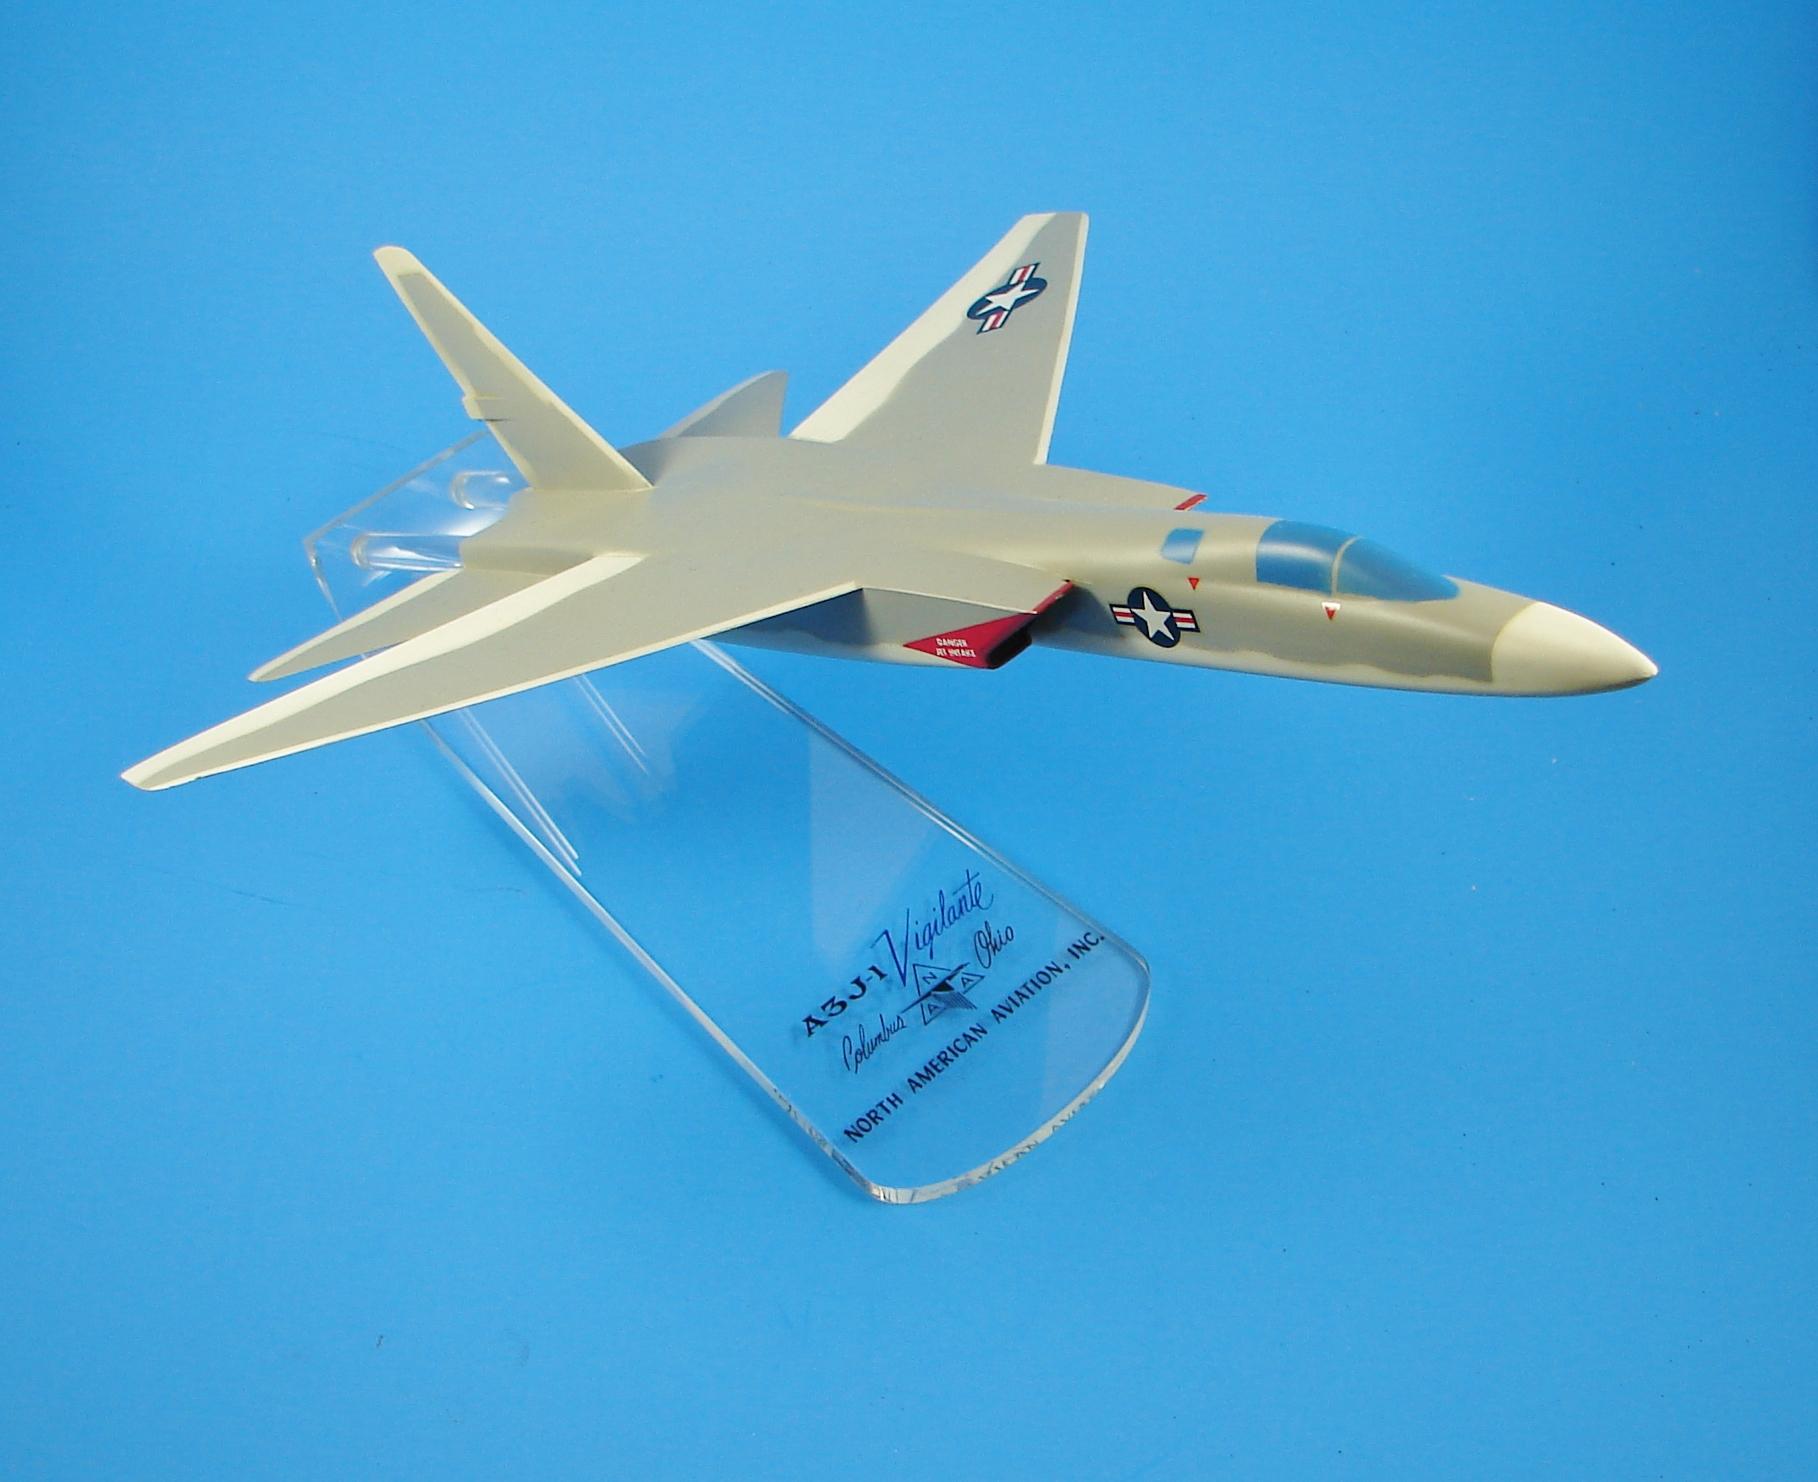 North American AJ-3 Vigilante